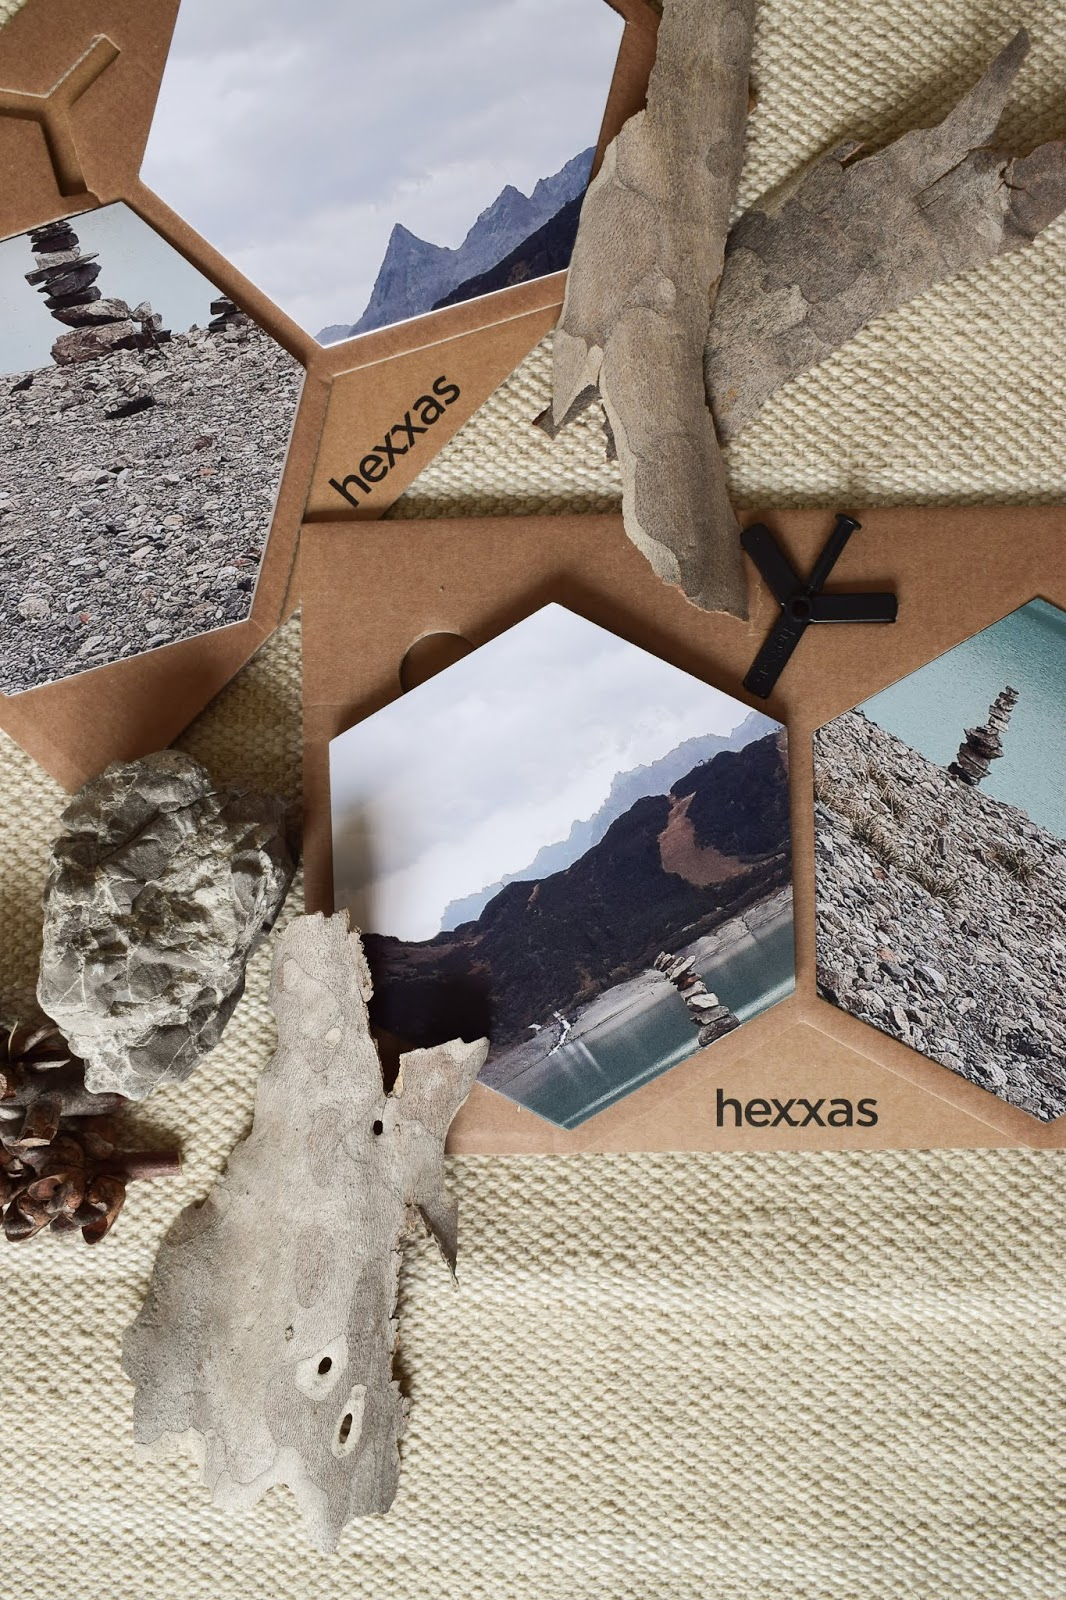 Verpackung Versand: Wandgestaltung mit hexxas von Cewe. Einfach Bild auswählen und an die Wand kleben. Wanddeko für Diele, Badezimmer, Esszimmer, Wohnzimmer, Schlafzimmer. Individuelle Dekoidee mit Hexagonen. hexxa Deko für deine Wände. Selber machen